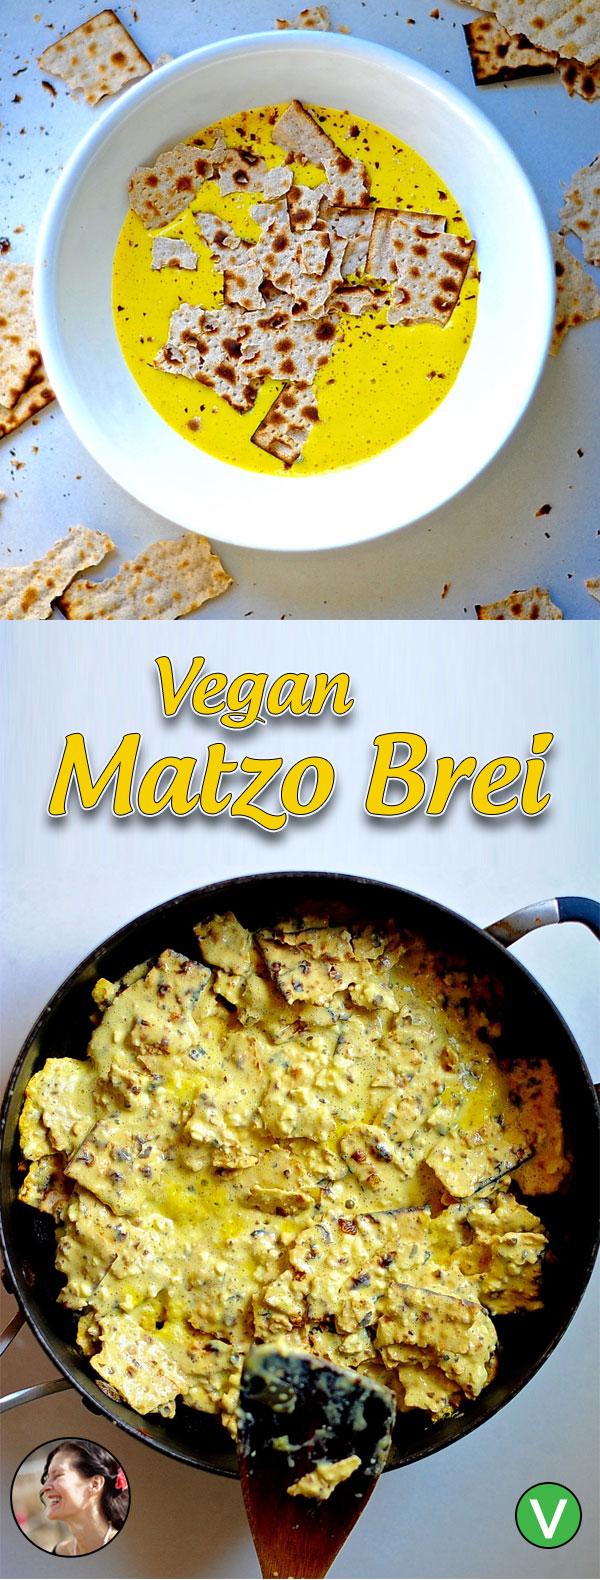 Vegan Matzo Brei Recipe for Passover, that tastes just like the original.